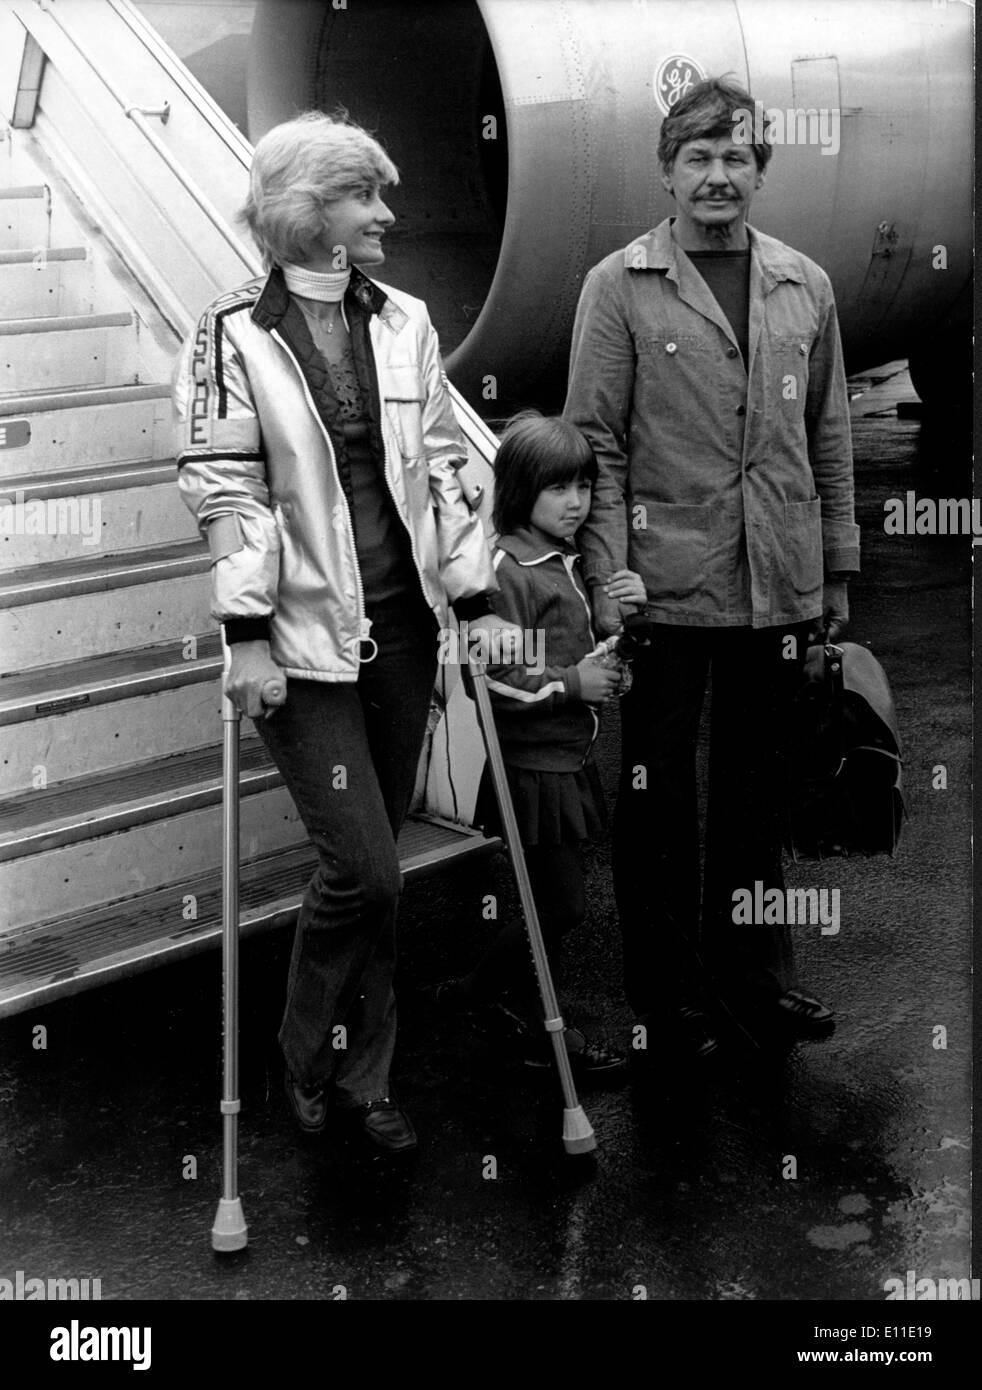 http://c8.alamy.com/comp/E11E19/may-20-1977-paris-france-actor-charles-bronson-with-his-wife-actress-E11E19.jpg